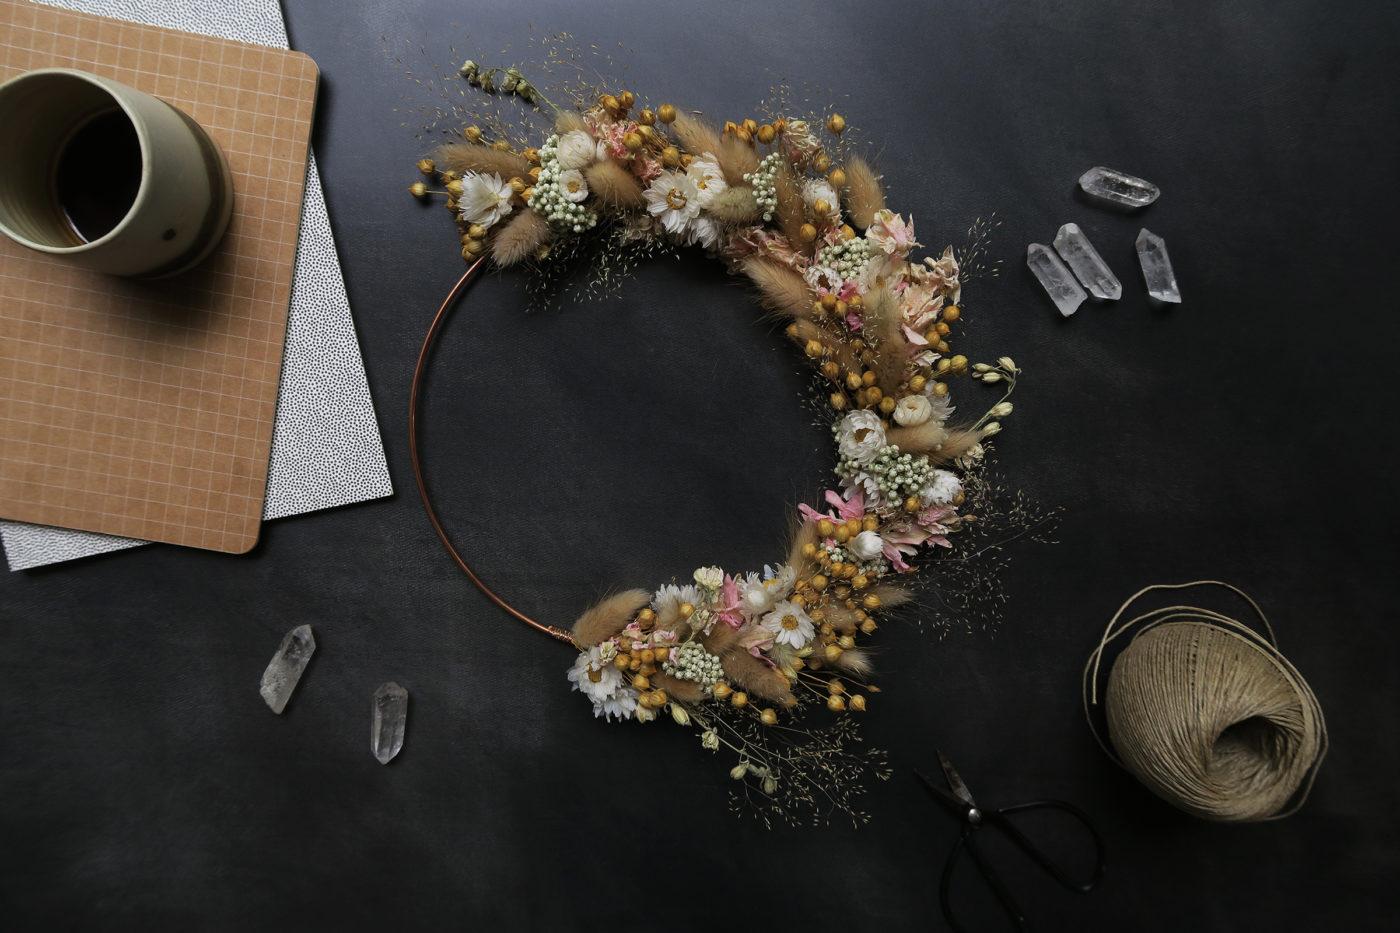 couronne de fleurs séchées décoration murale fleuriste toulouse maison bohème idée cadeau femme lin rose chaton rodanthe crémaillère